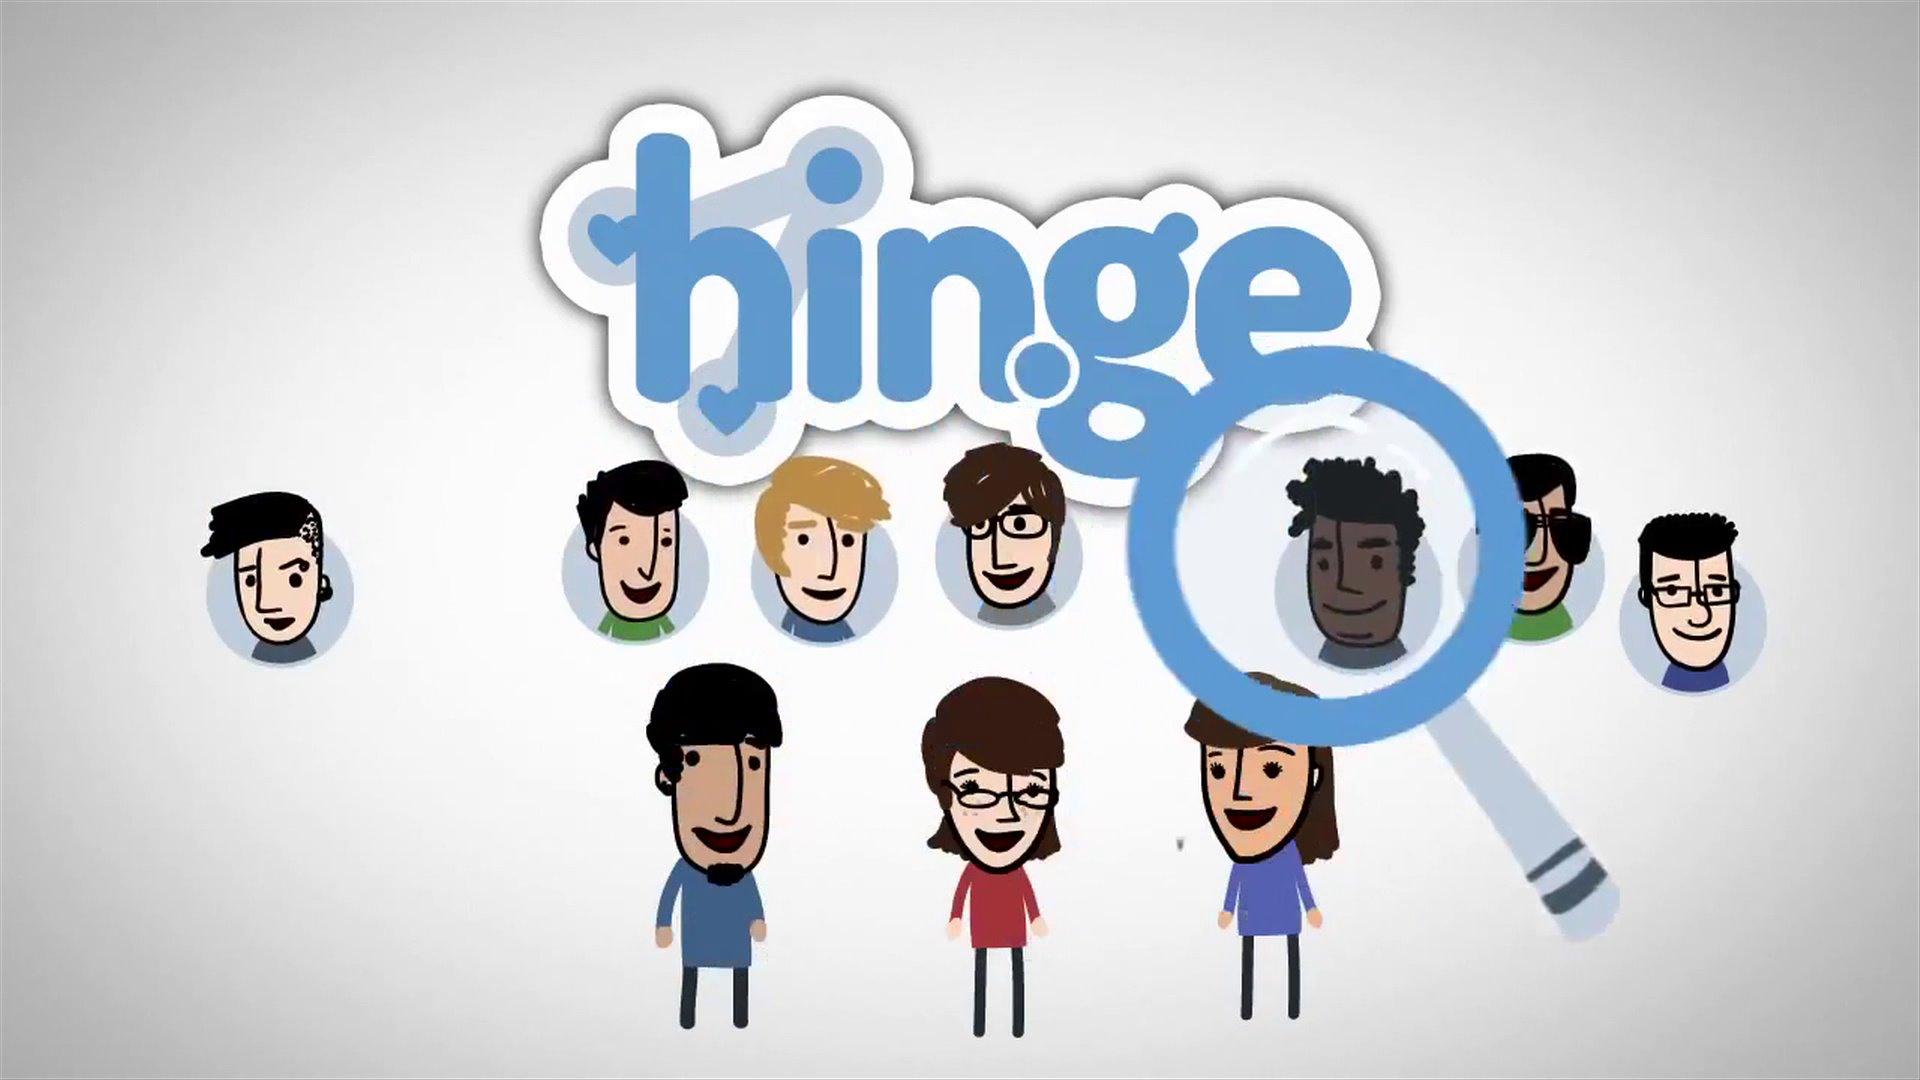 verschil aanbesteding tinder dating site Home datingtips de leukste dating apps voor op je smartphone bij tinder kan je andere kandidaten beoordelen met behulp van het systeem het enige verschil.